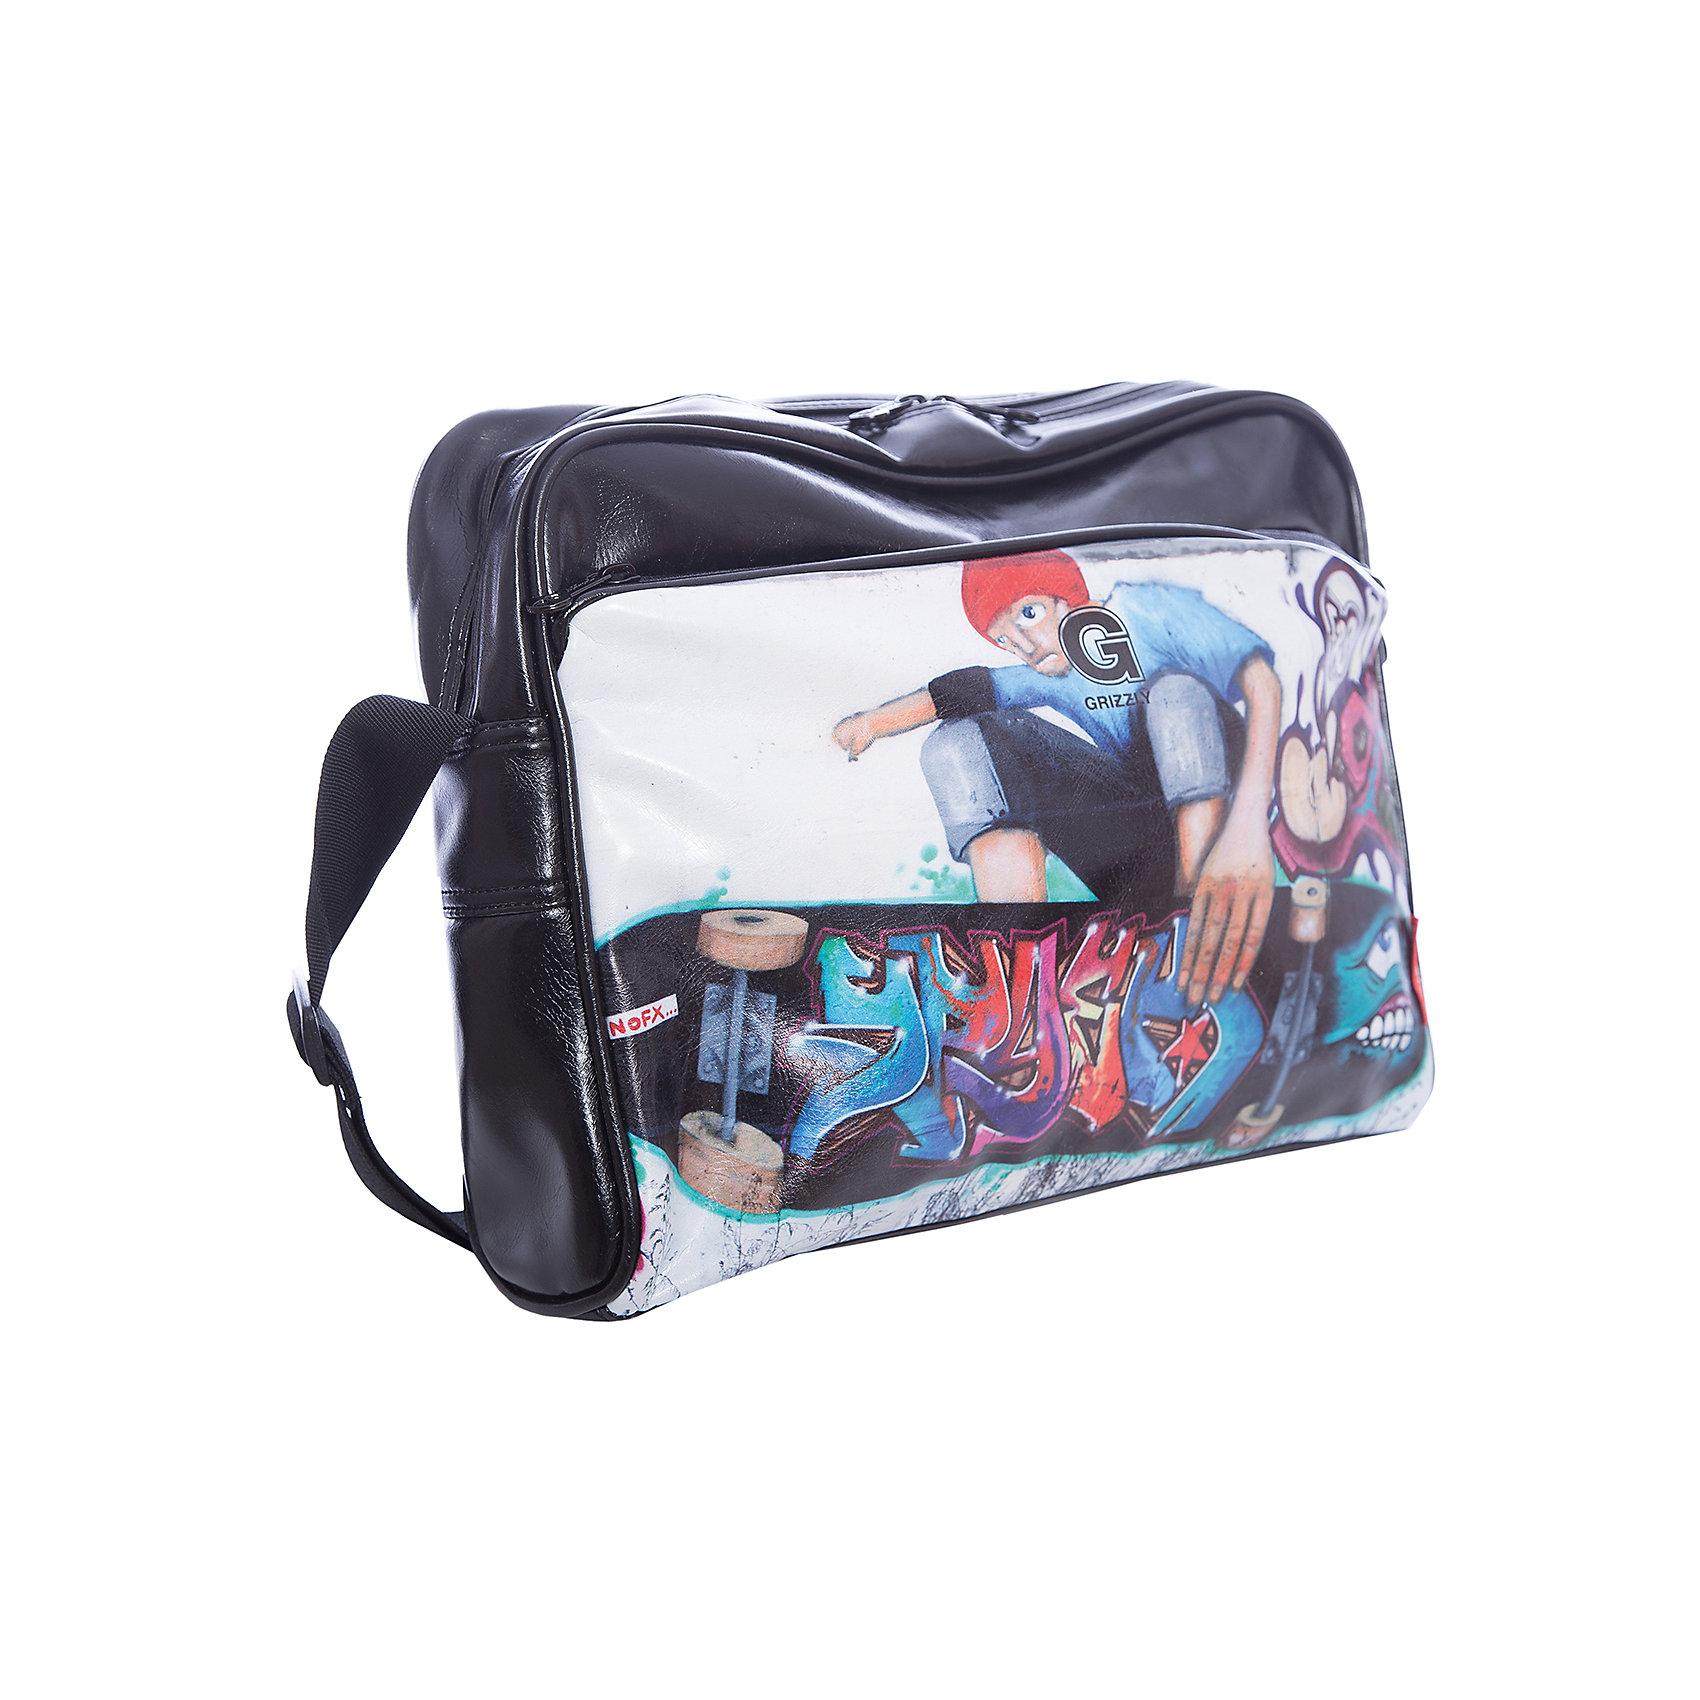 Сумка школьная Grizzly, скейтбордШкольные сумки<br>Молодежная сумка, одно отделение, плоский передний карман на молнии, задний карман на молнии, внутренний карман на молнии, регулируемый плечевой ремень<br><br>Ширина мм: 390<br>Глубина мм: 90<br>Высота мм: 290<br>Вес г: 450<br>Возраст от месяцев: 120<br>Возраст до месяцев: 2147483647<br>Пол: Мужской<br>Возраст: Детский<br>SKU: 6939823